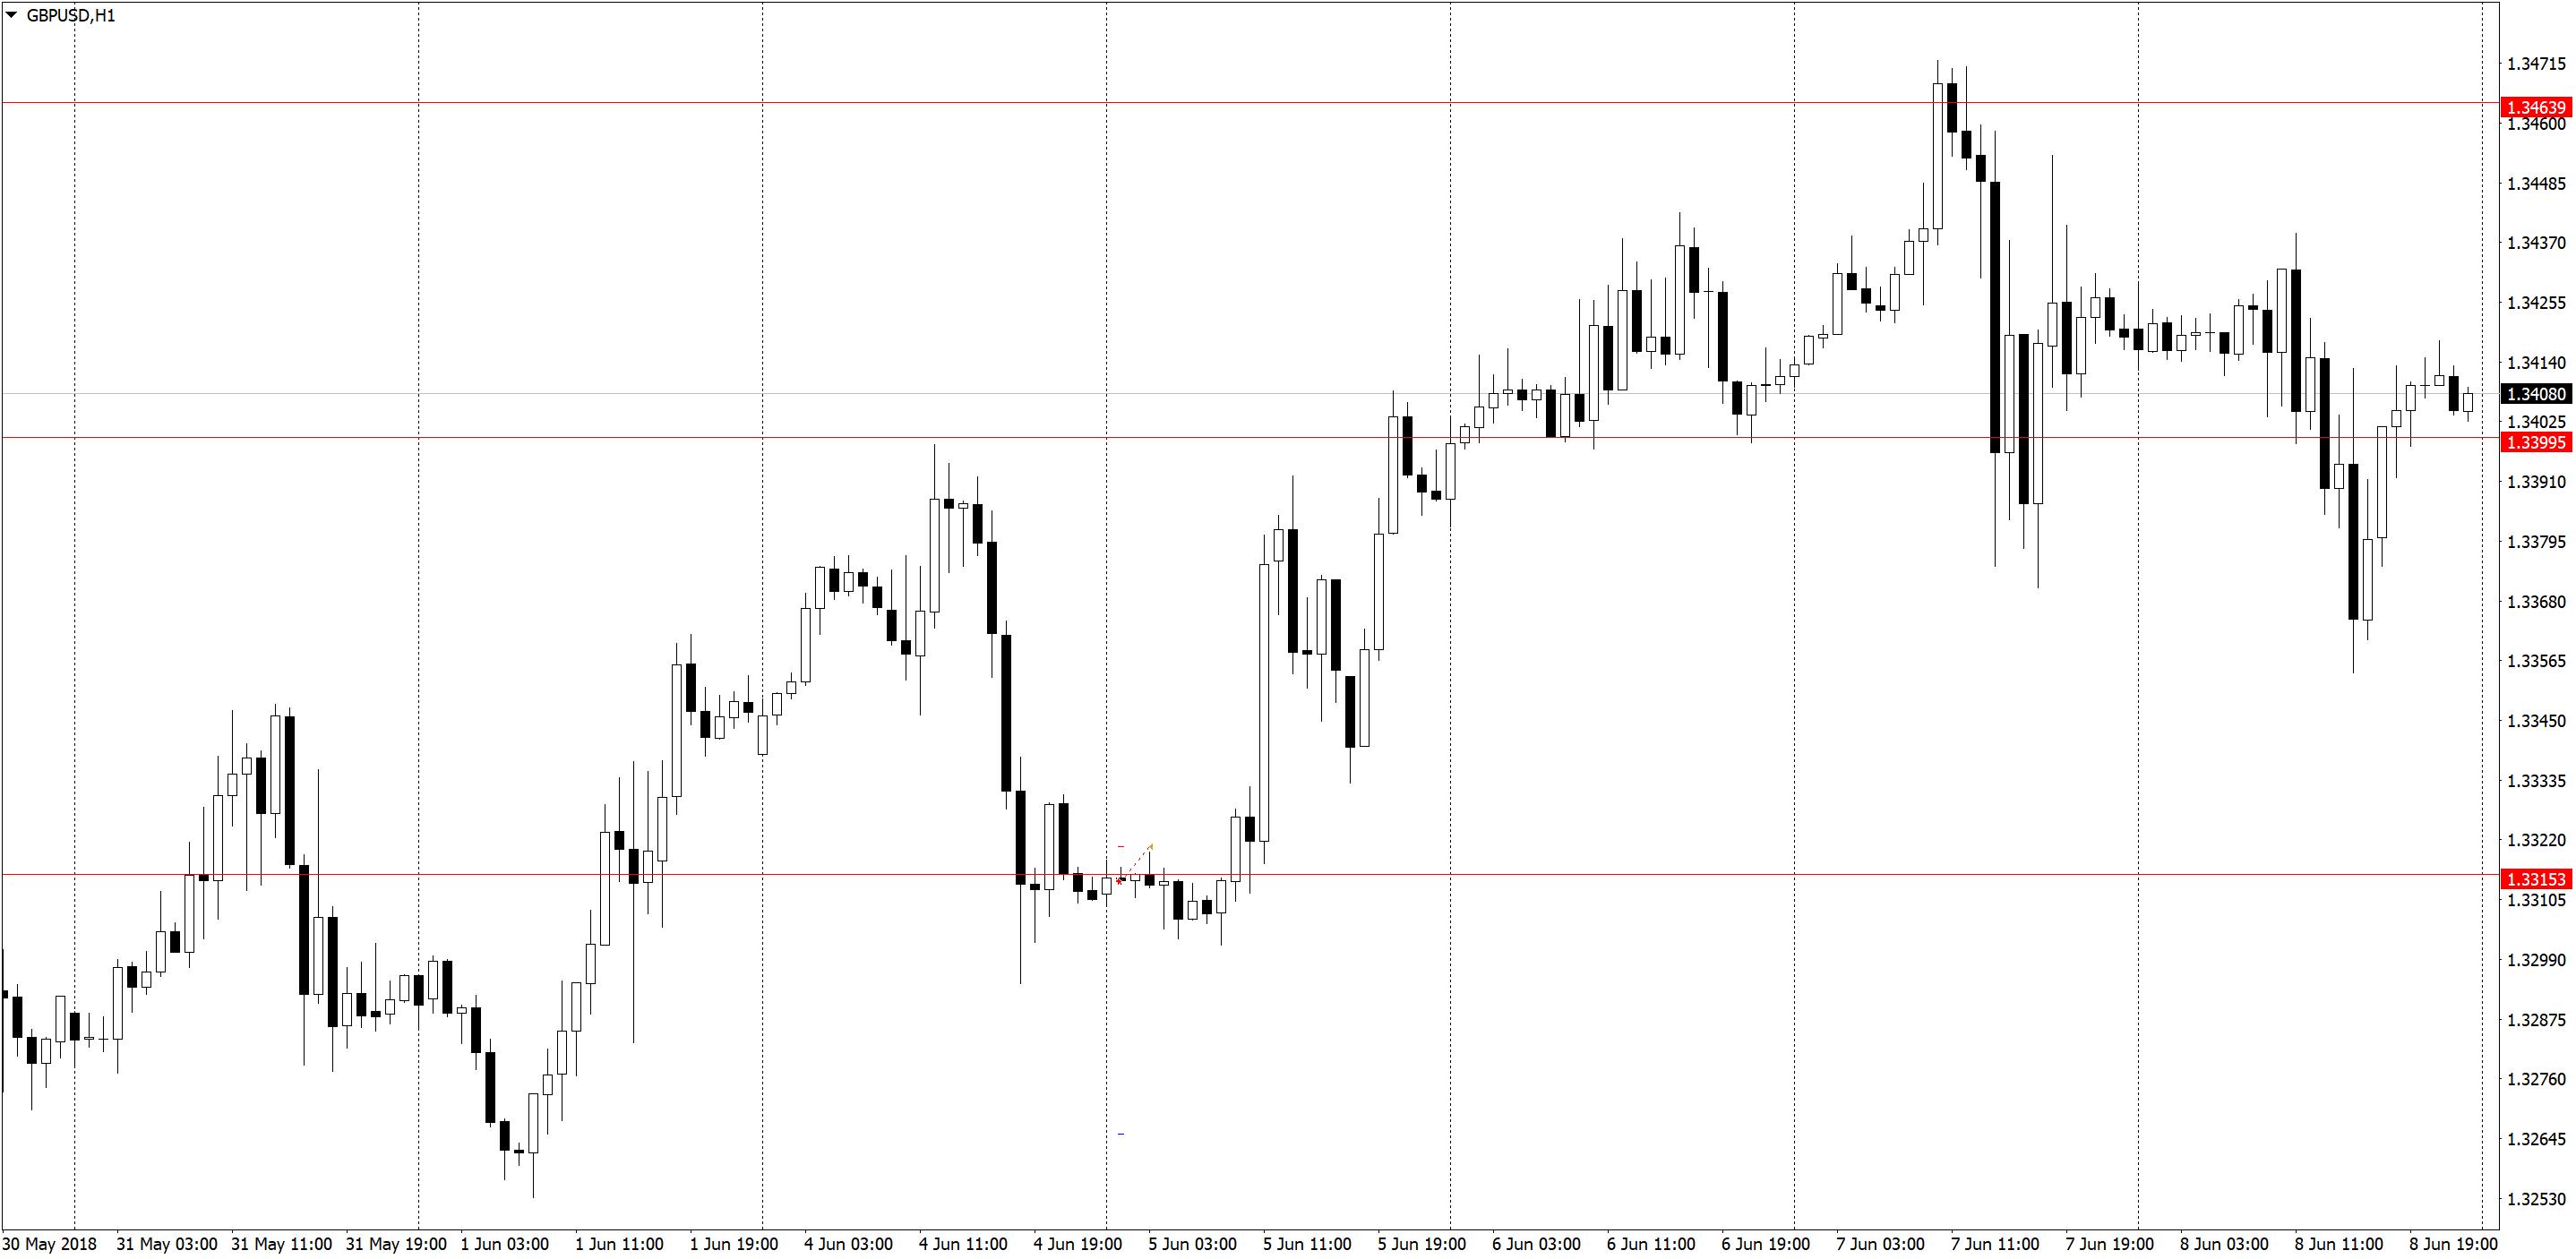 GBPUSDH1 1 Торговля по H1, трейдинг в удовольствие, три состояния рынка